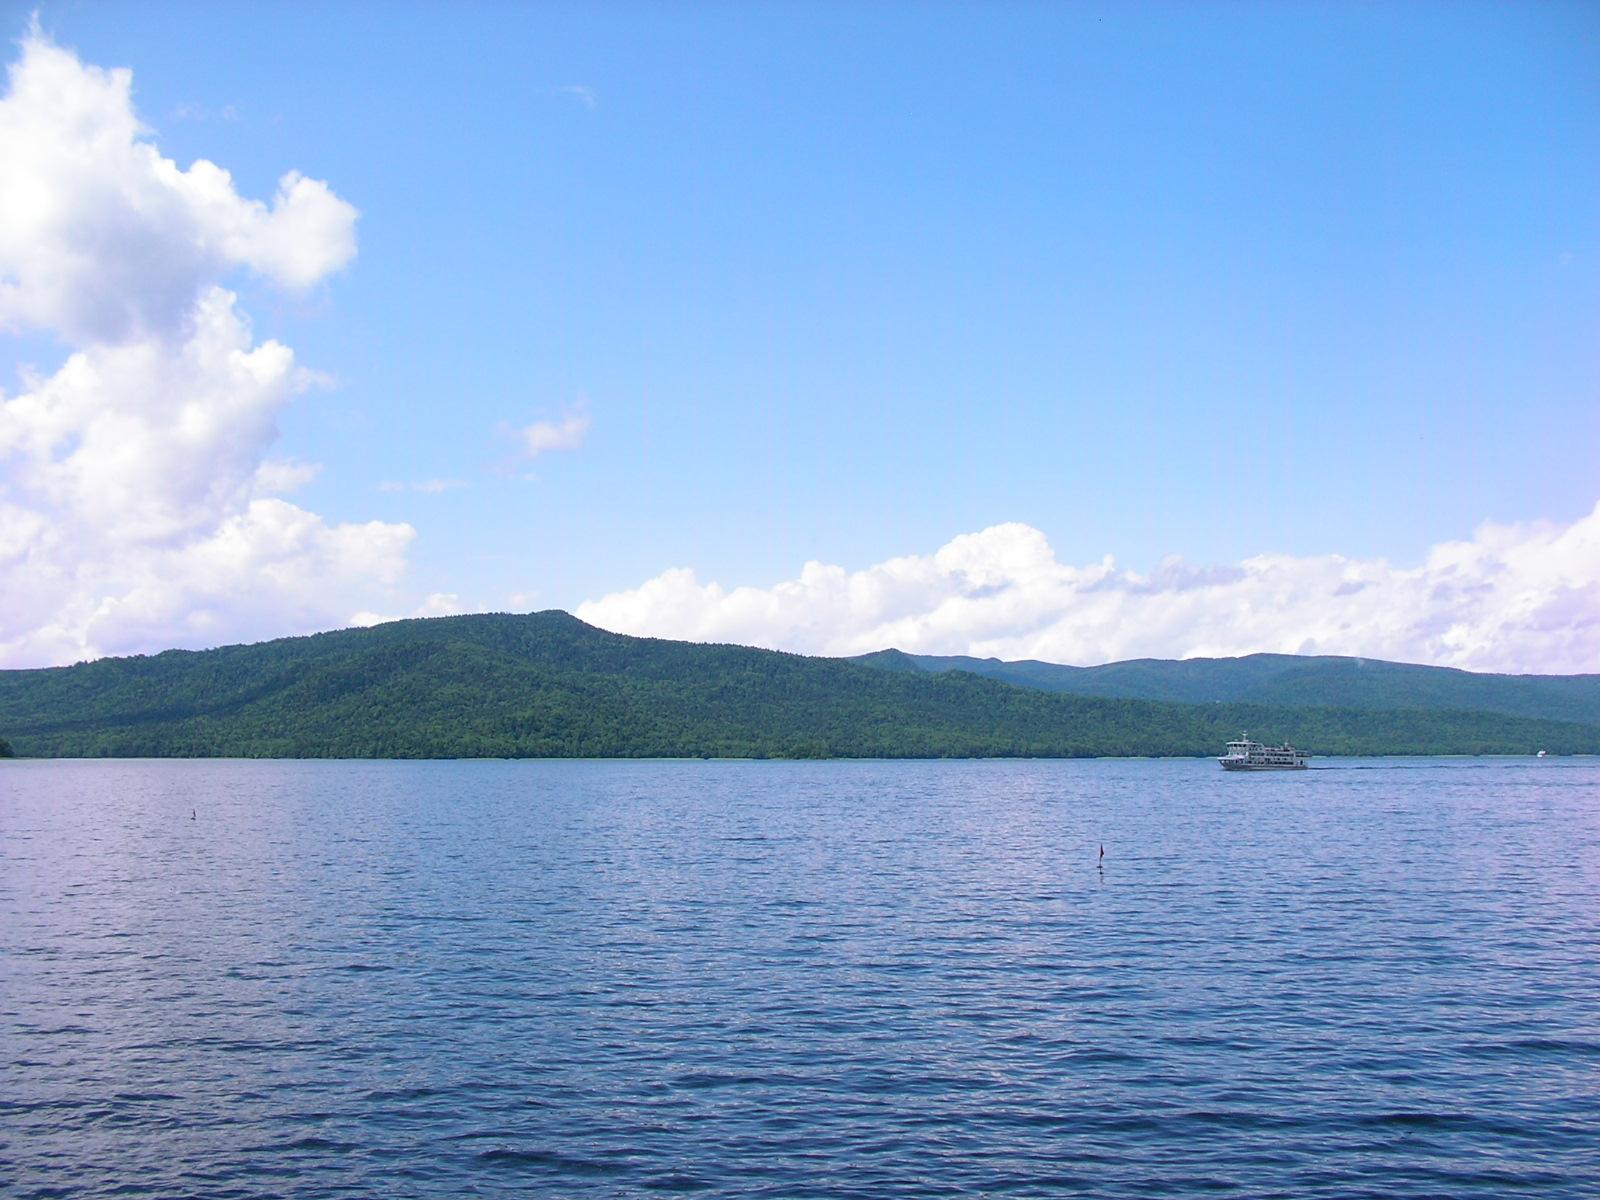 Lake Akan and Akanko Onsen